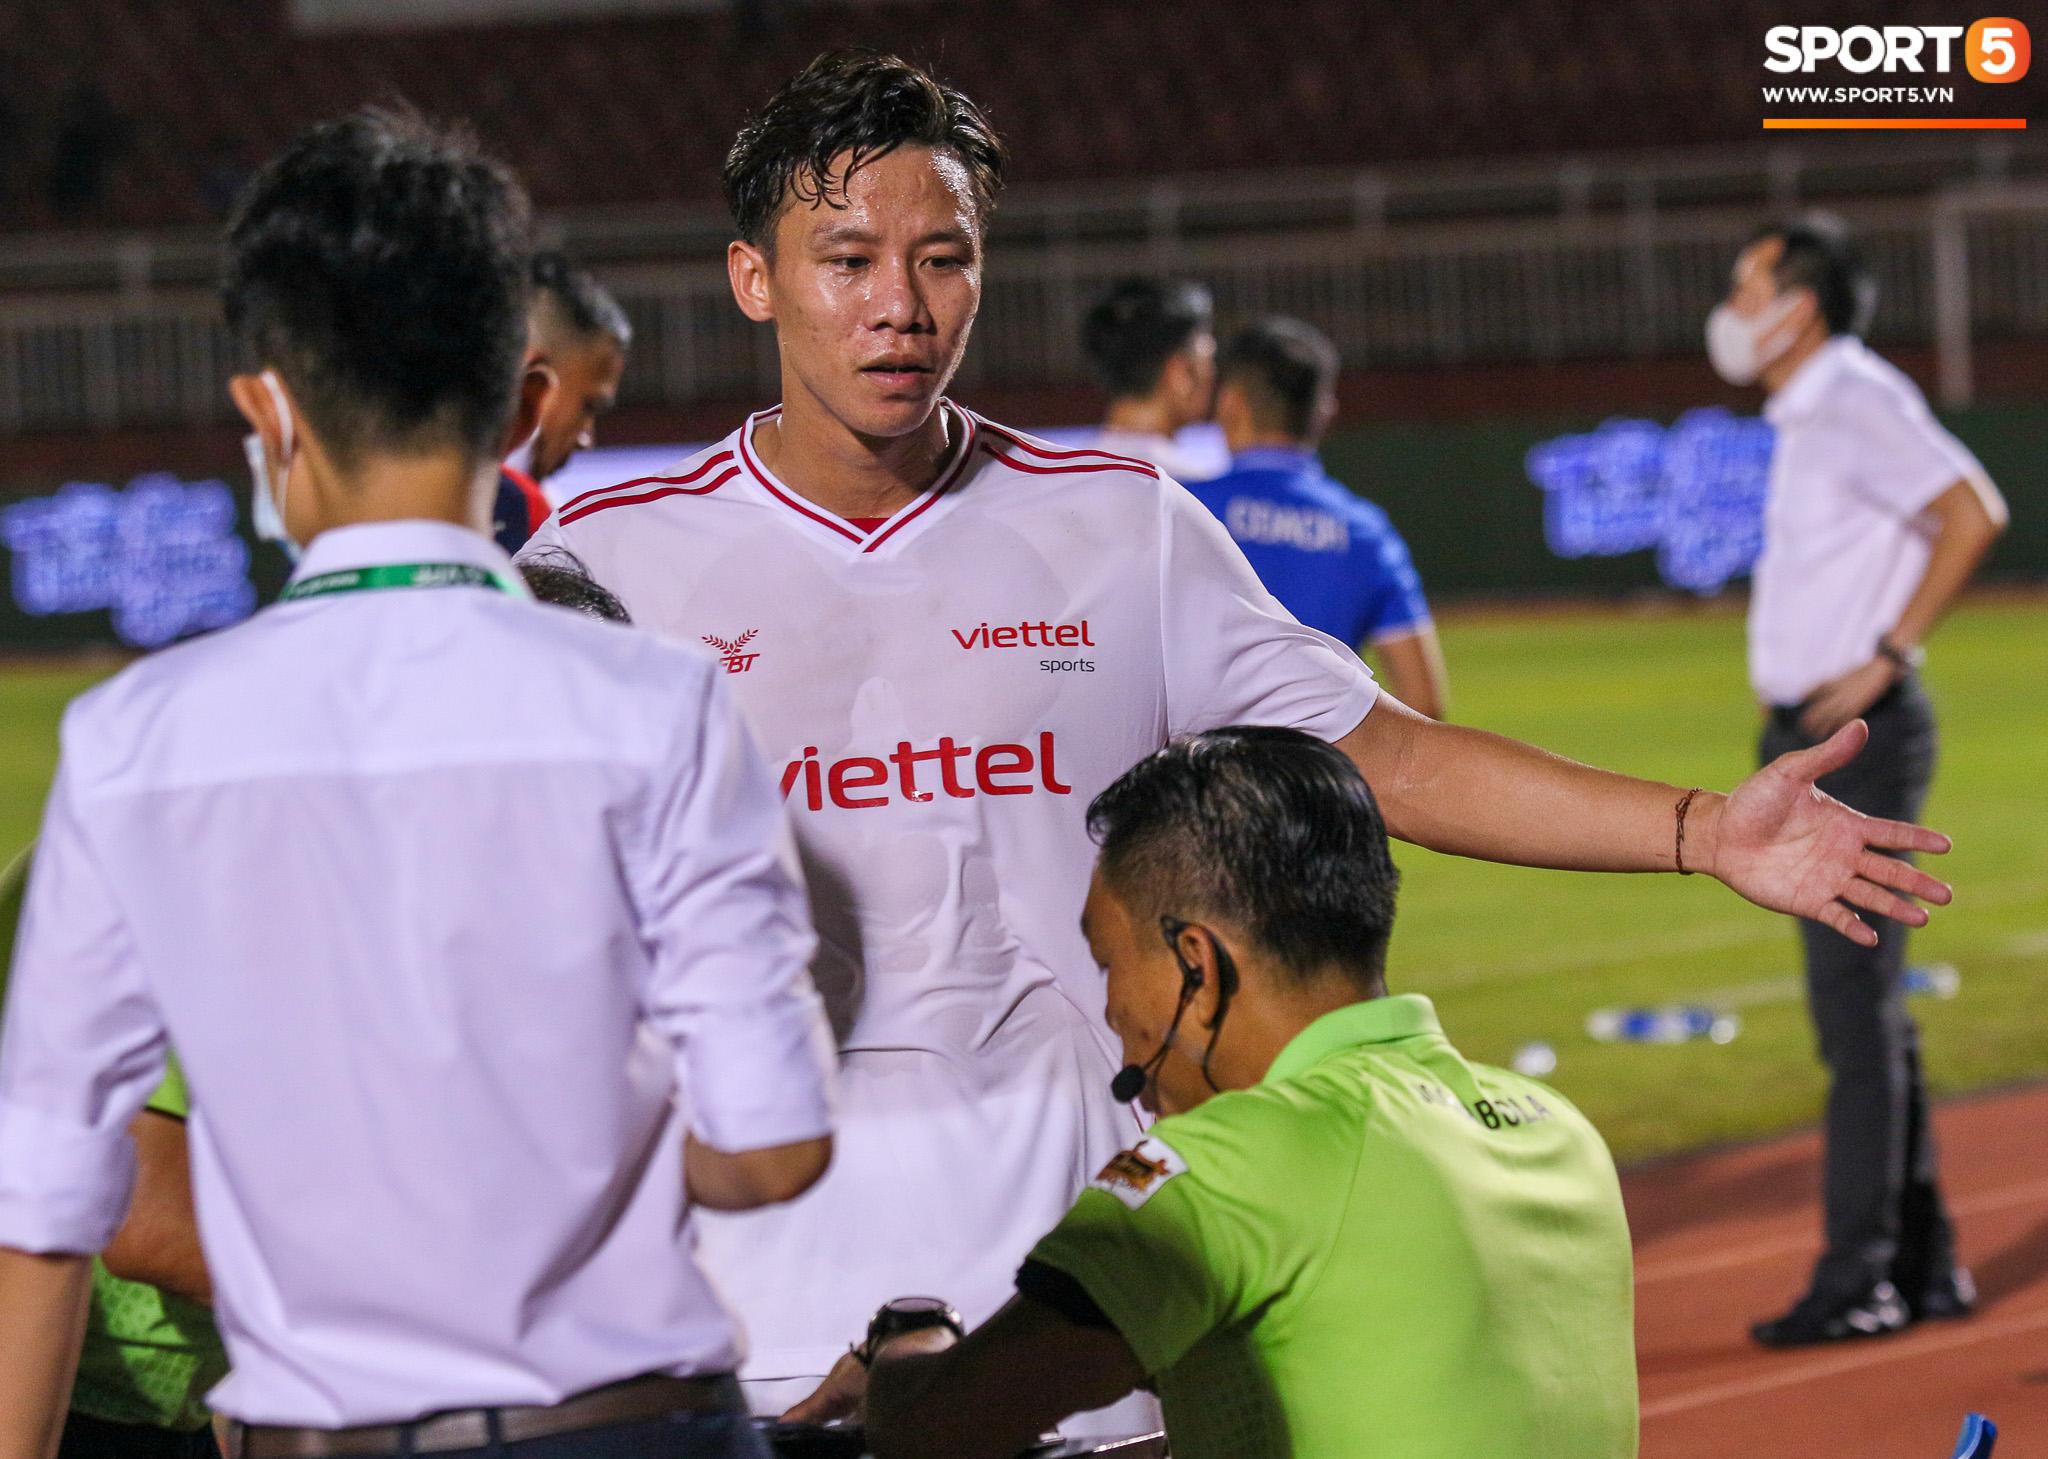 HLV Trương Việt Hoàng: CLB HAGL chưa phải là ứng viên vô địch số 1 - Ảnh 2.